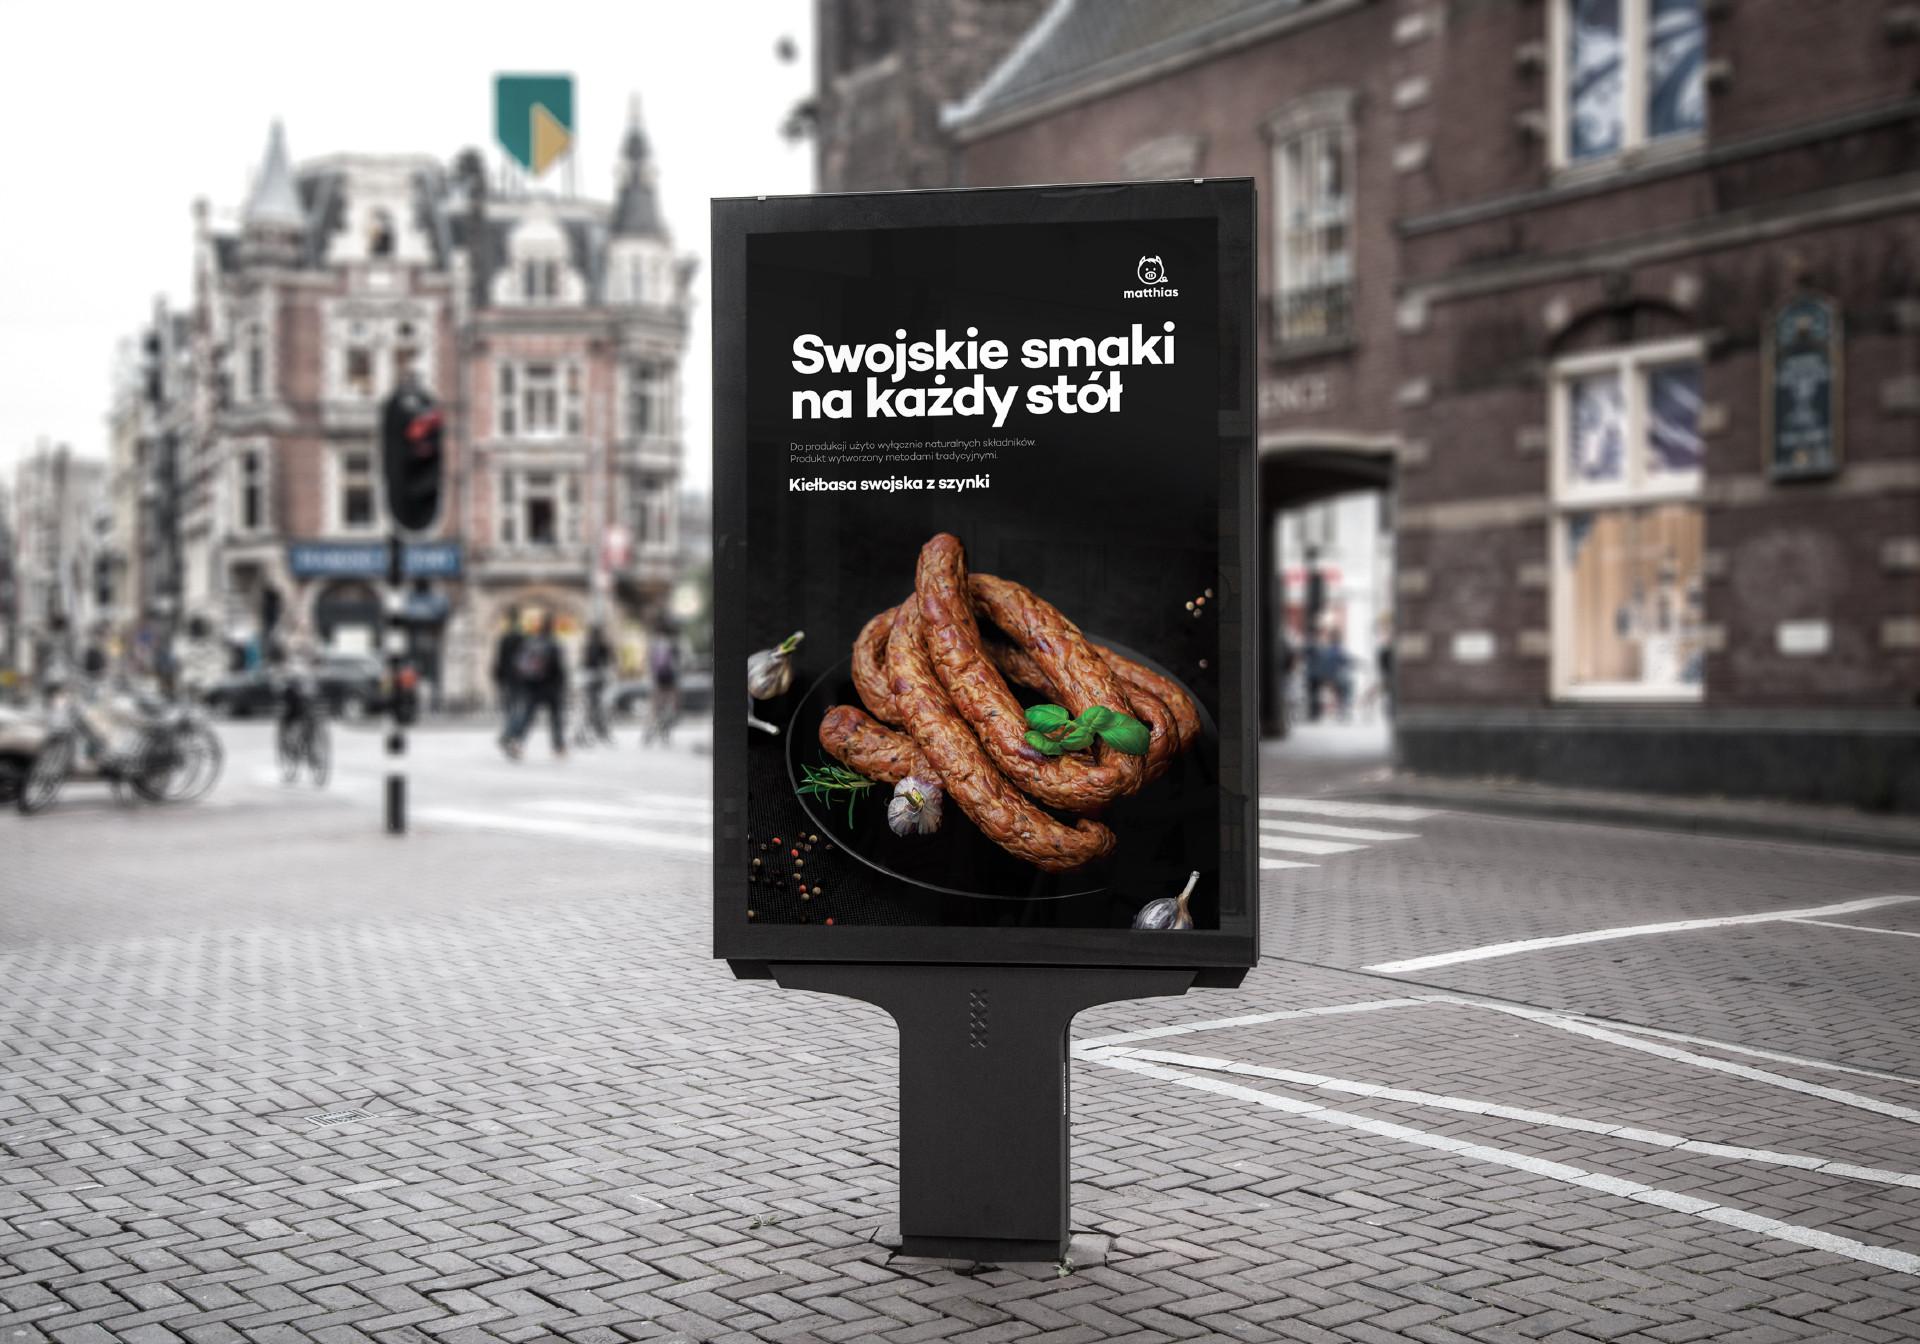 Reklama miejska - swojskie smaki na każdy stół